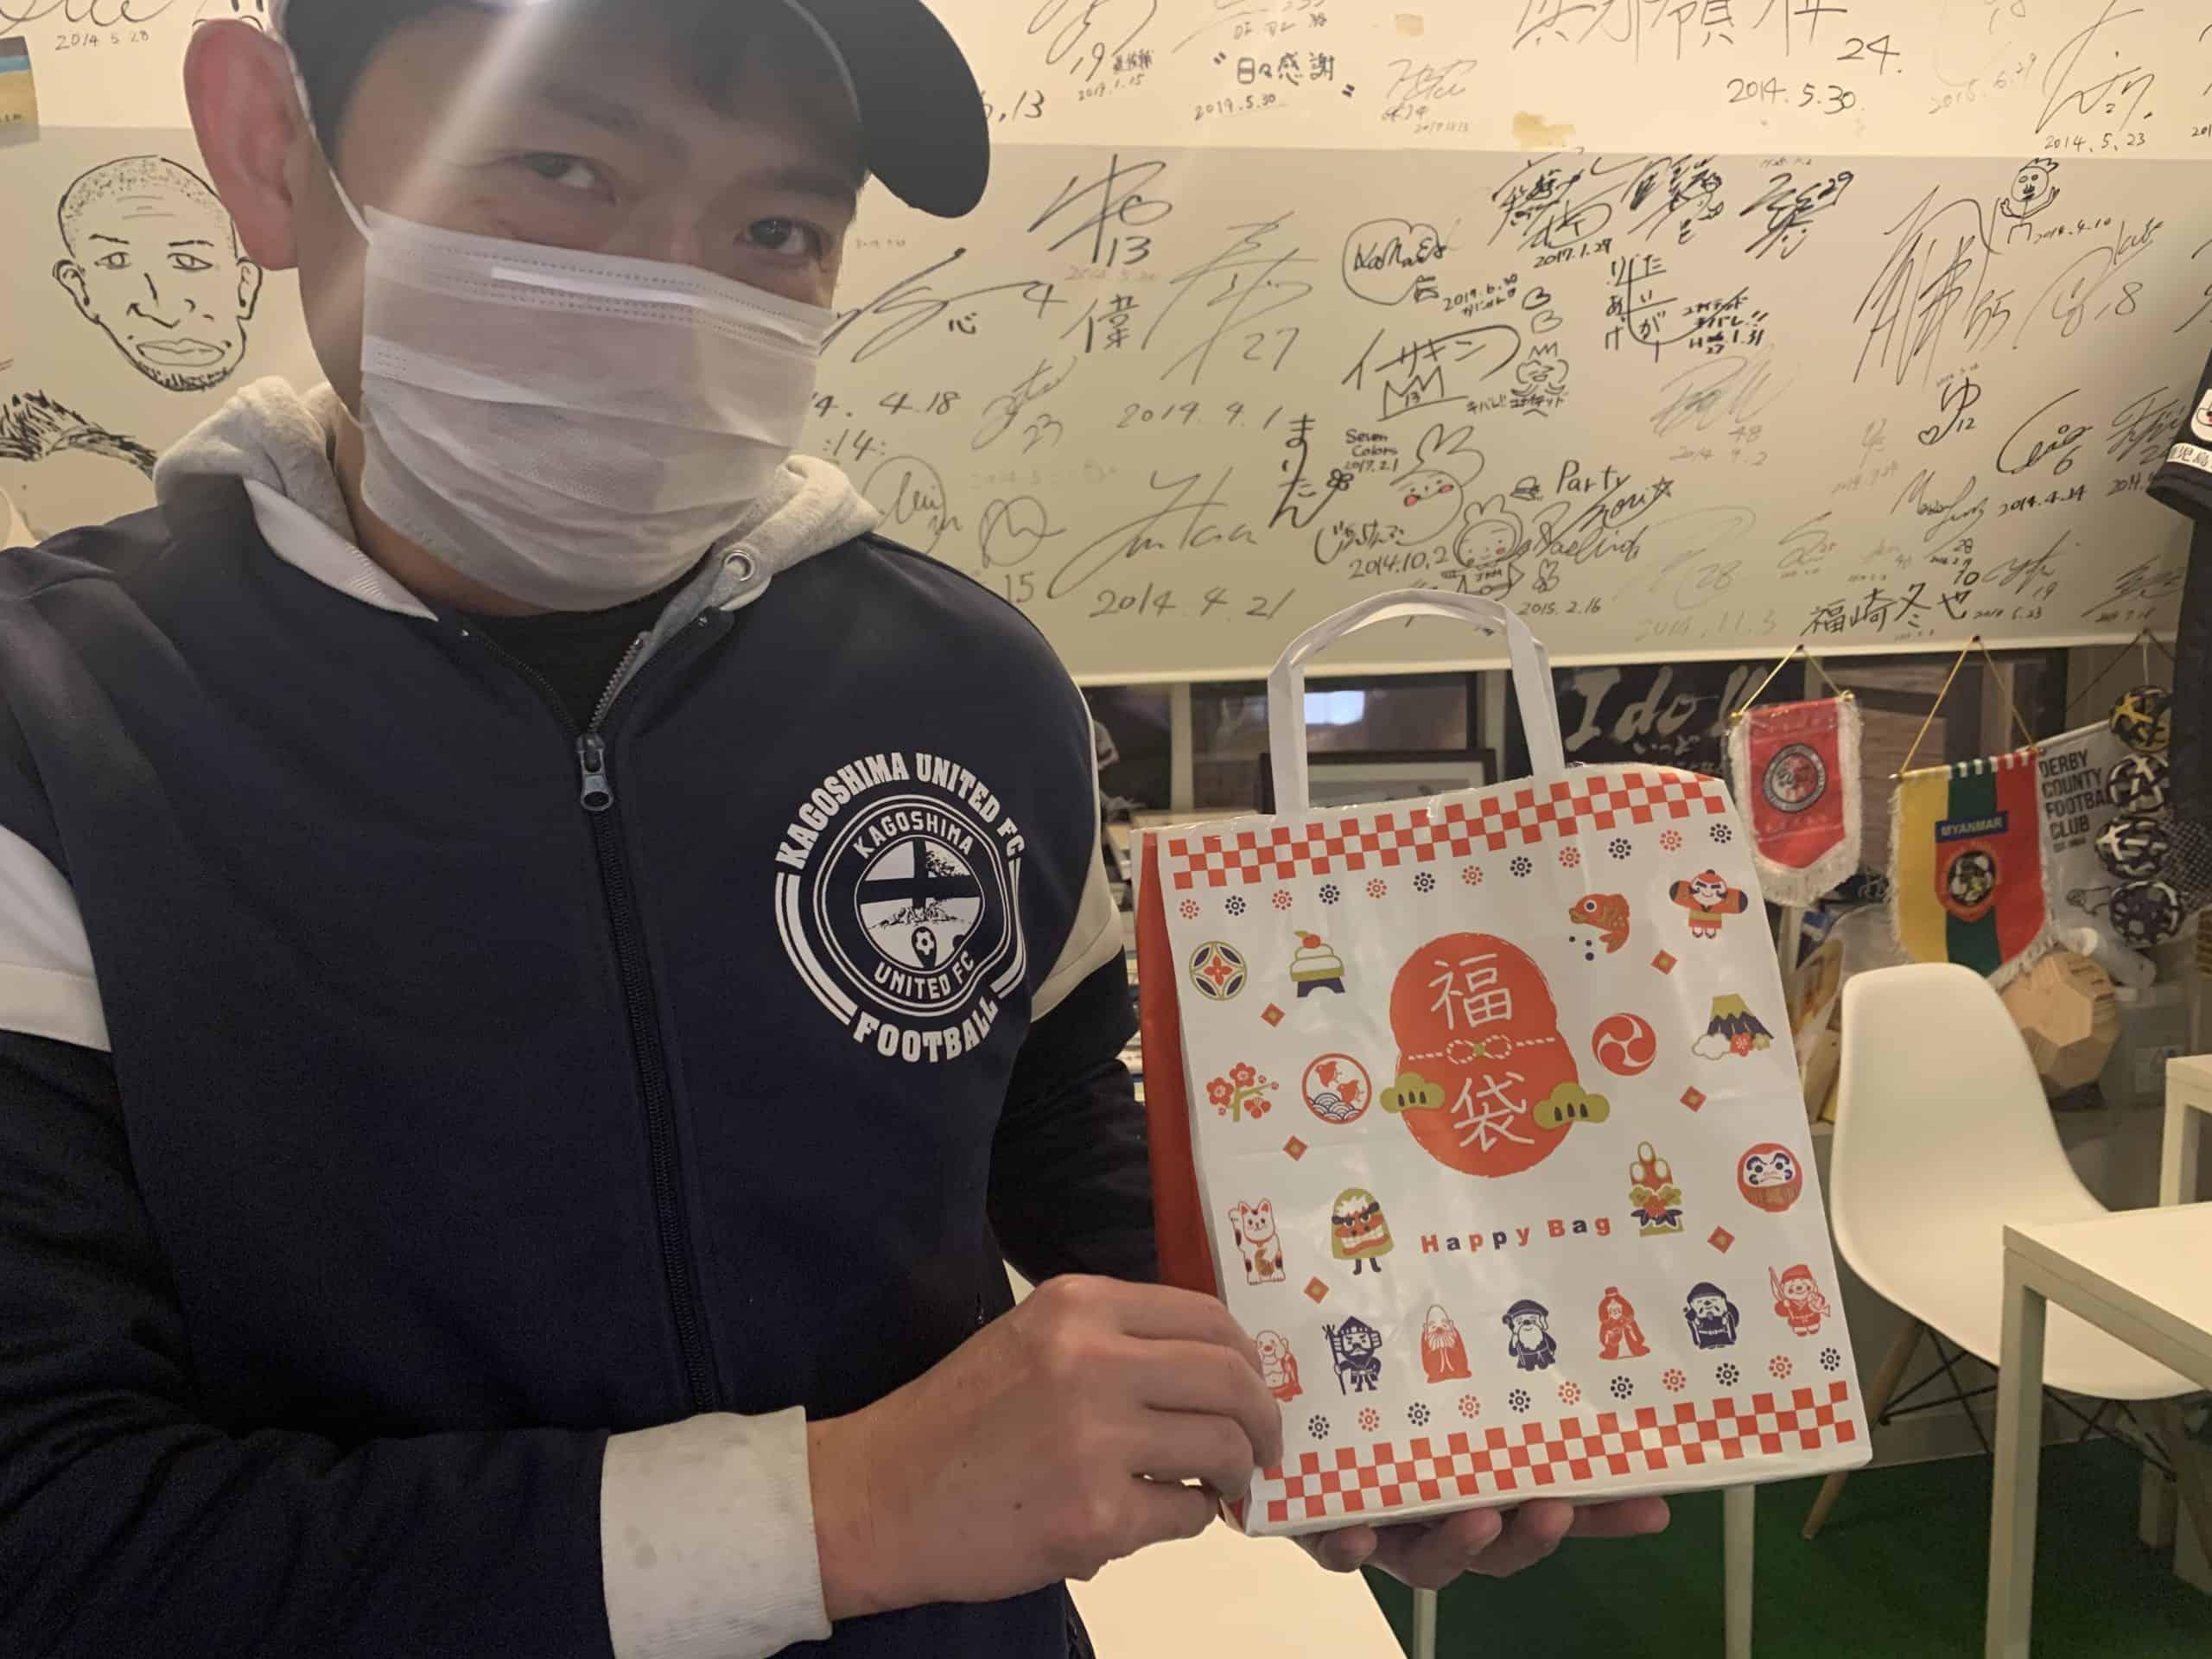 【2021福袋】薩摩川内市「大黒紙店」の文具福袋はアディダスコンセプトの良袋!